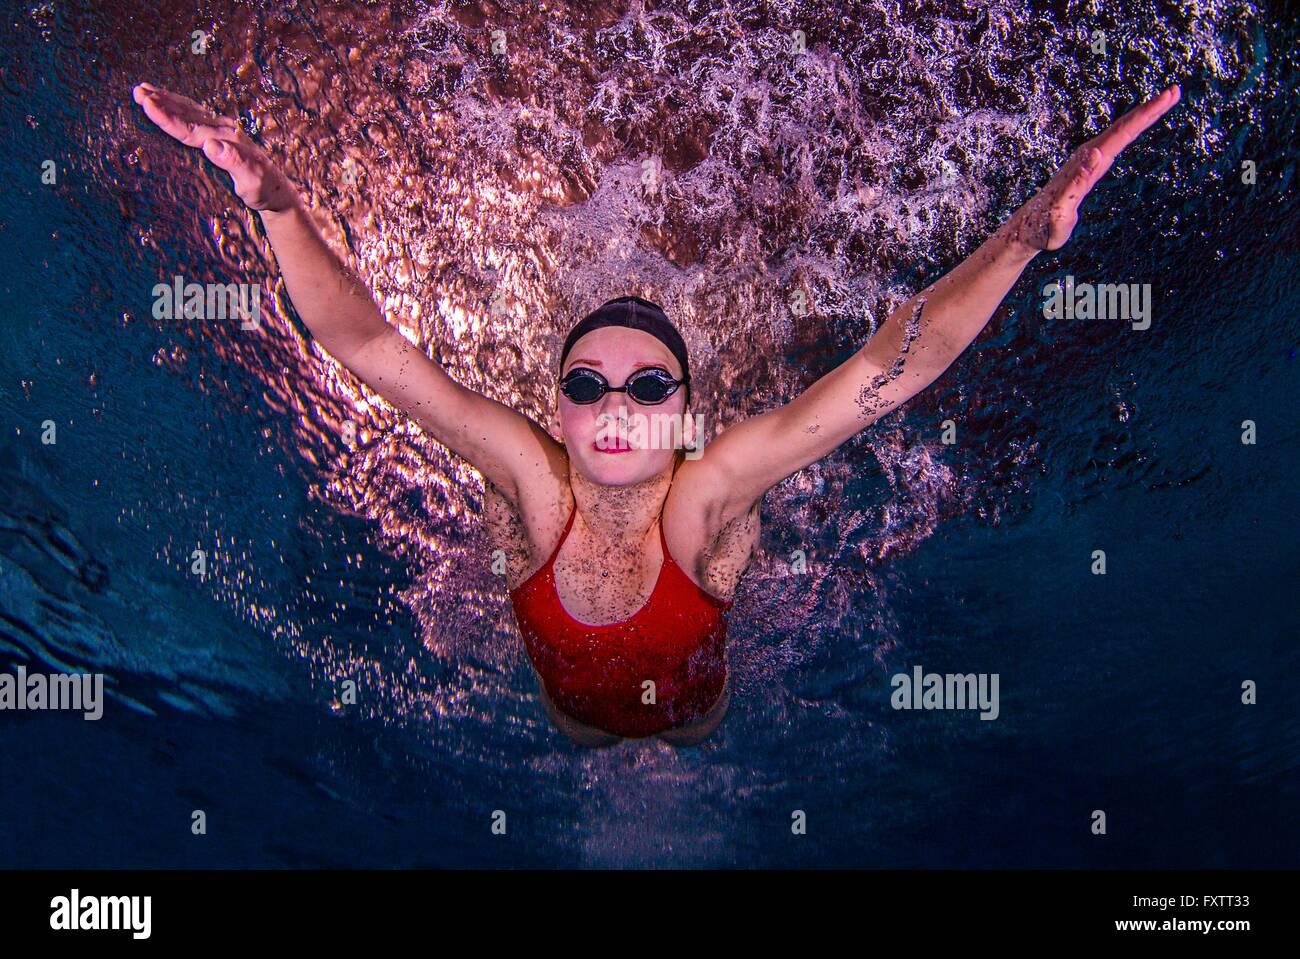 Giovane donna nuoto sott'acqua Immagini Stock